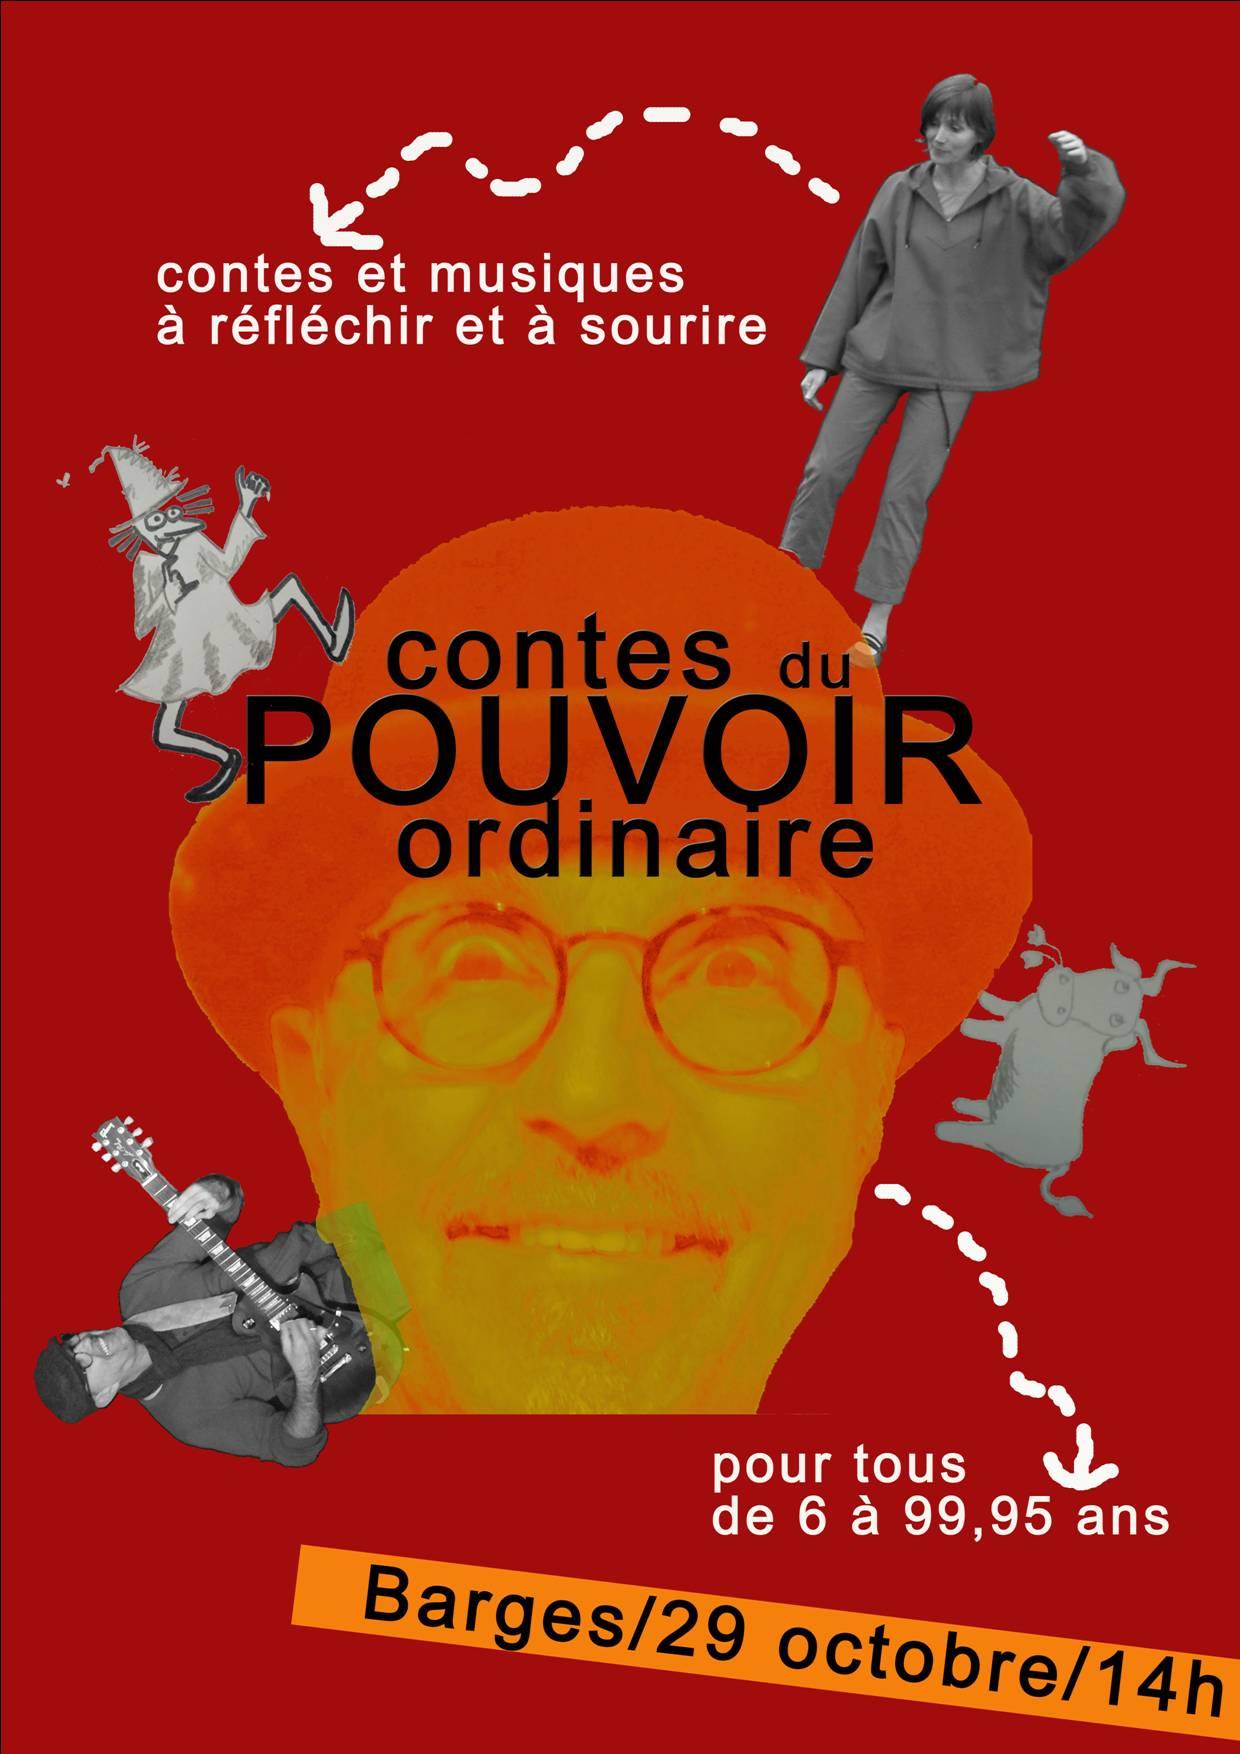 Contes du Pouvoir ordinaire.jpg